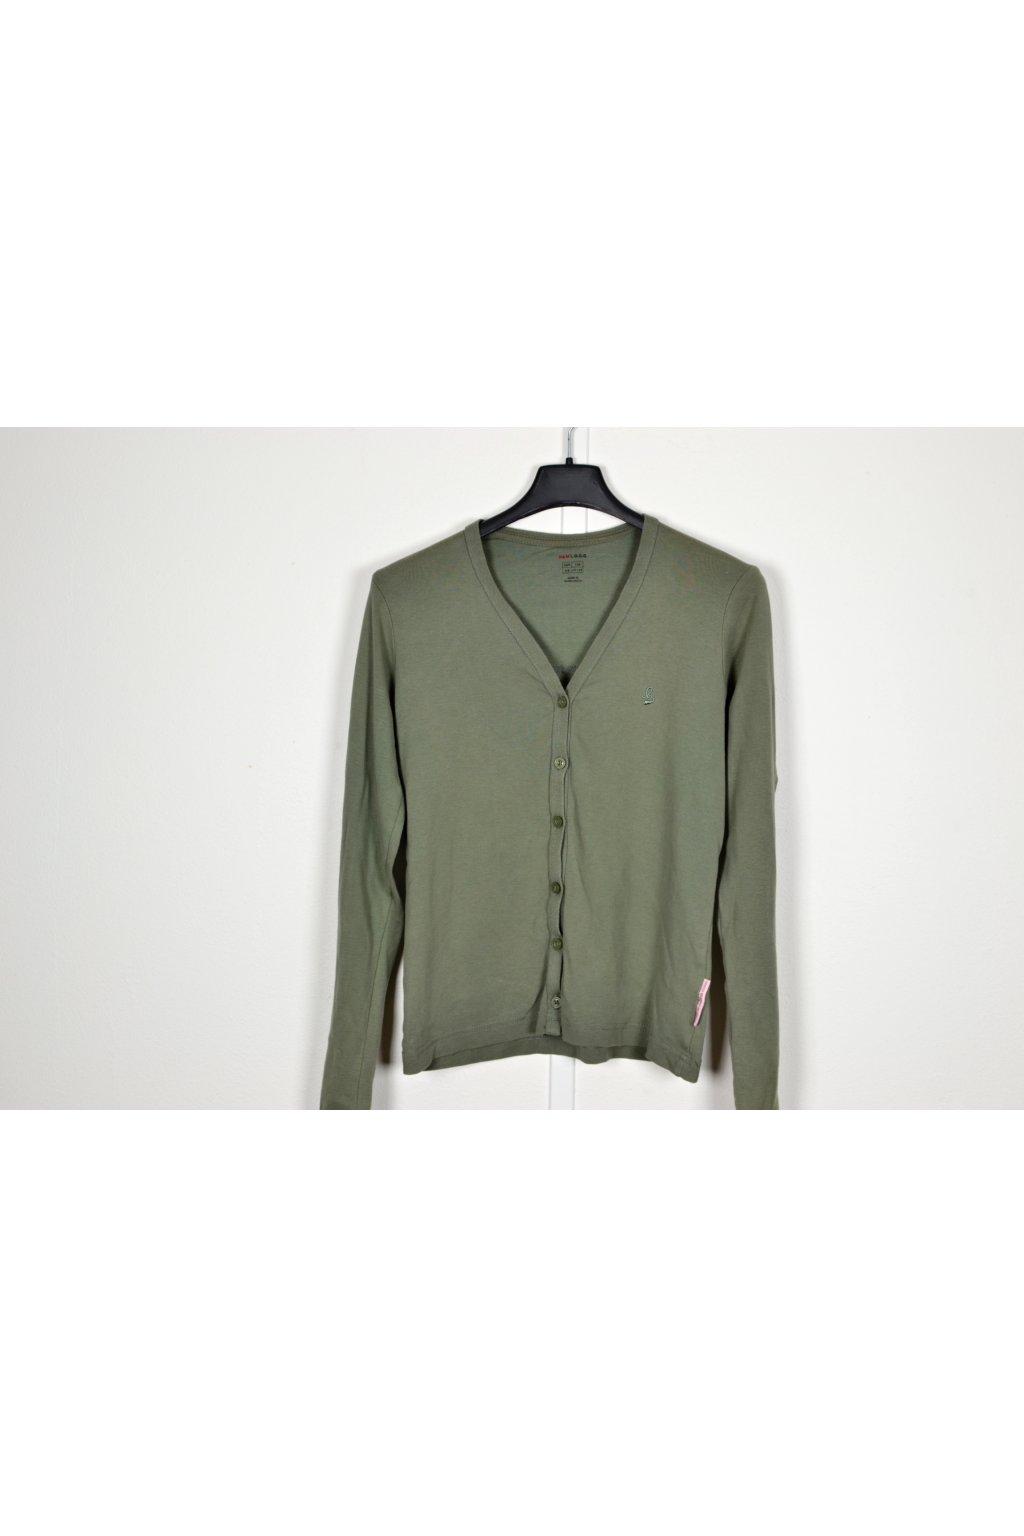 Mikina H&M vel 158/12-13 zelená